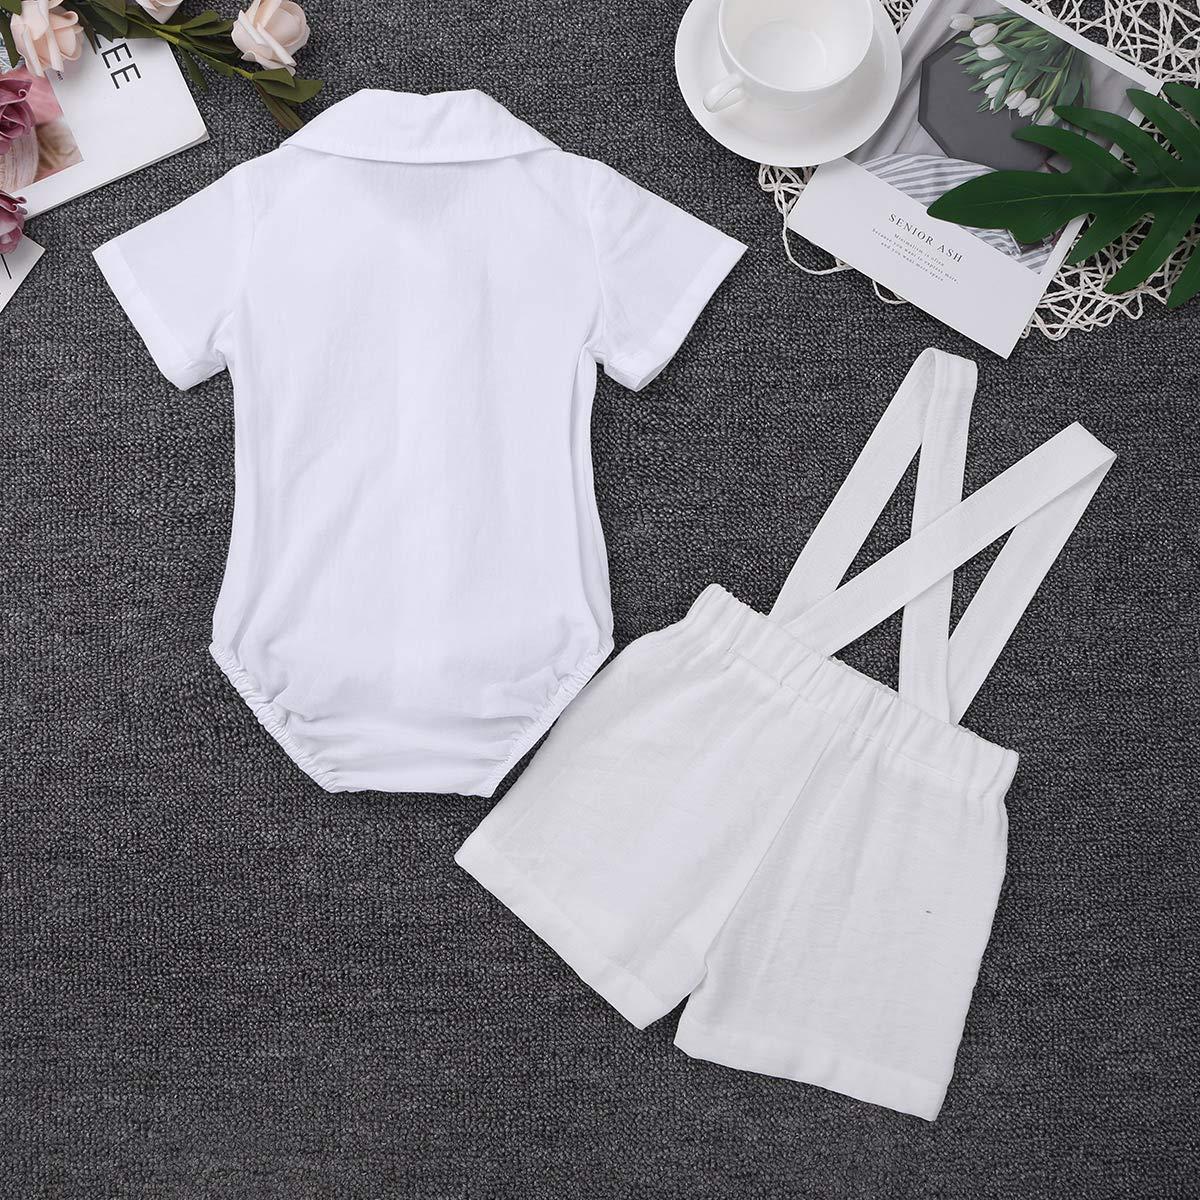 ranrann Ropa de Bautizo Beb/é Ni/ño Camisa Manga Corta Pantalones de Tirantes Lino Pajarita Monos Beb/é Ni/ño